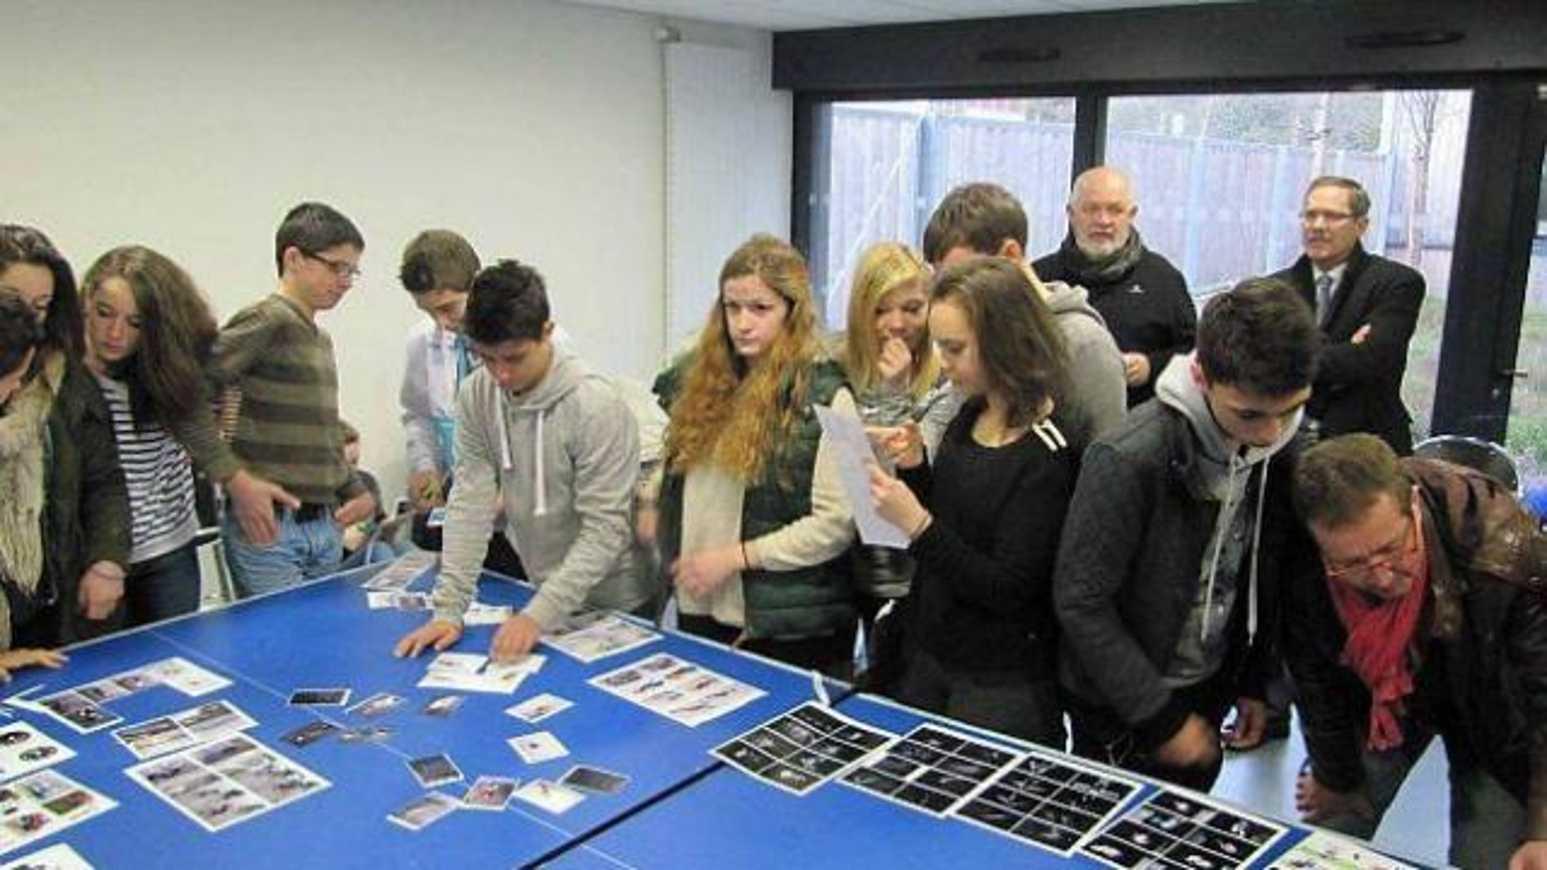 Atelier photos sur la mobilité au lycée Henri-Avril (OF) 0